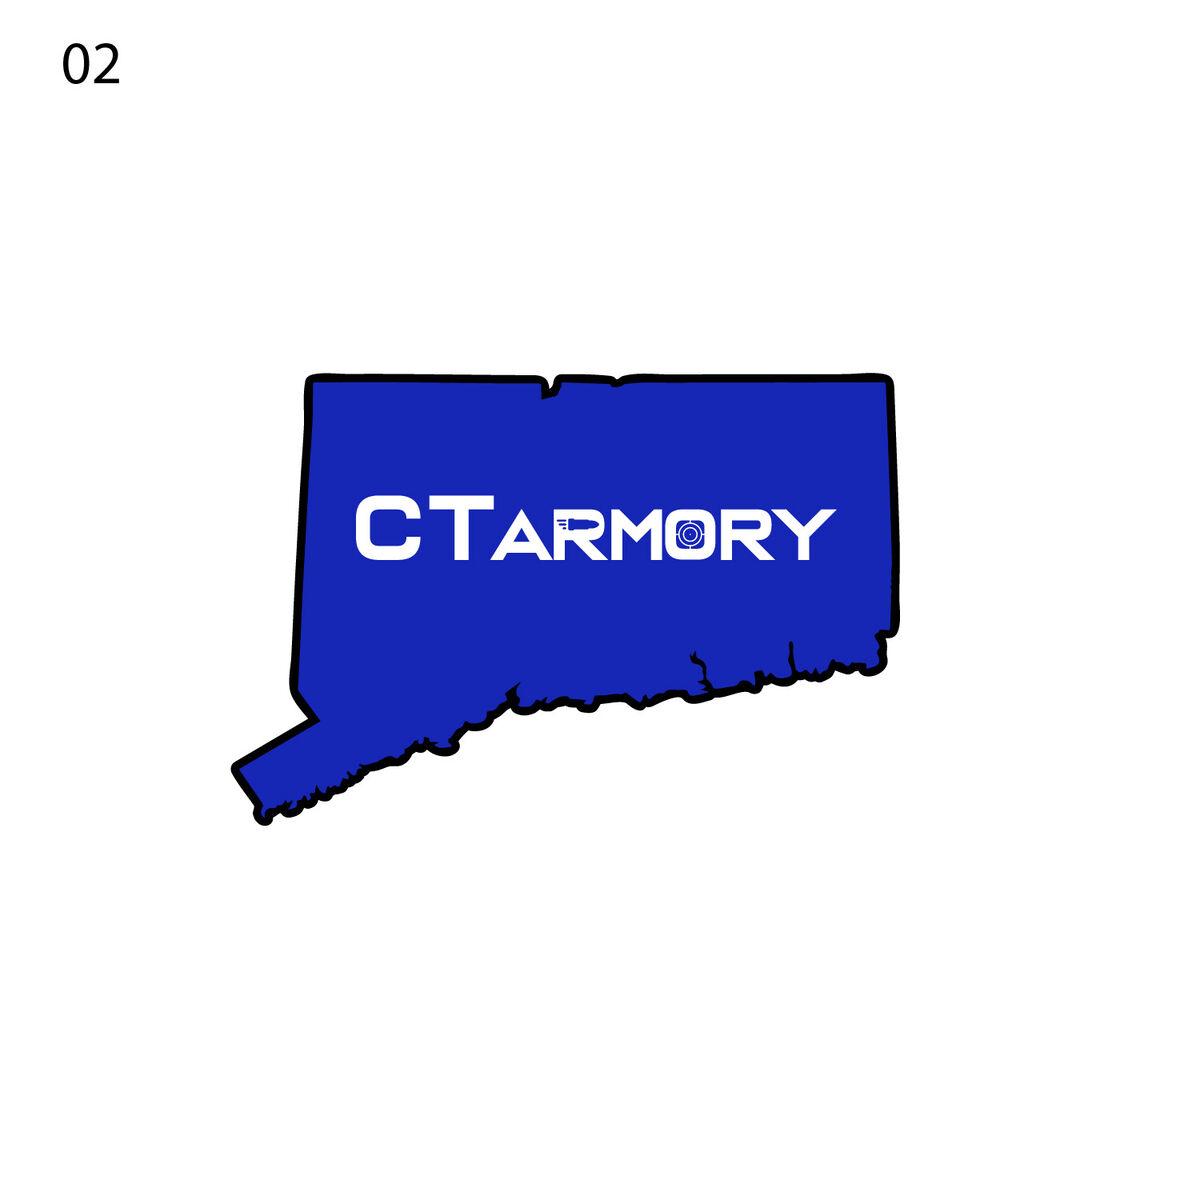 CTARMORY